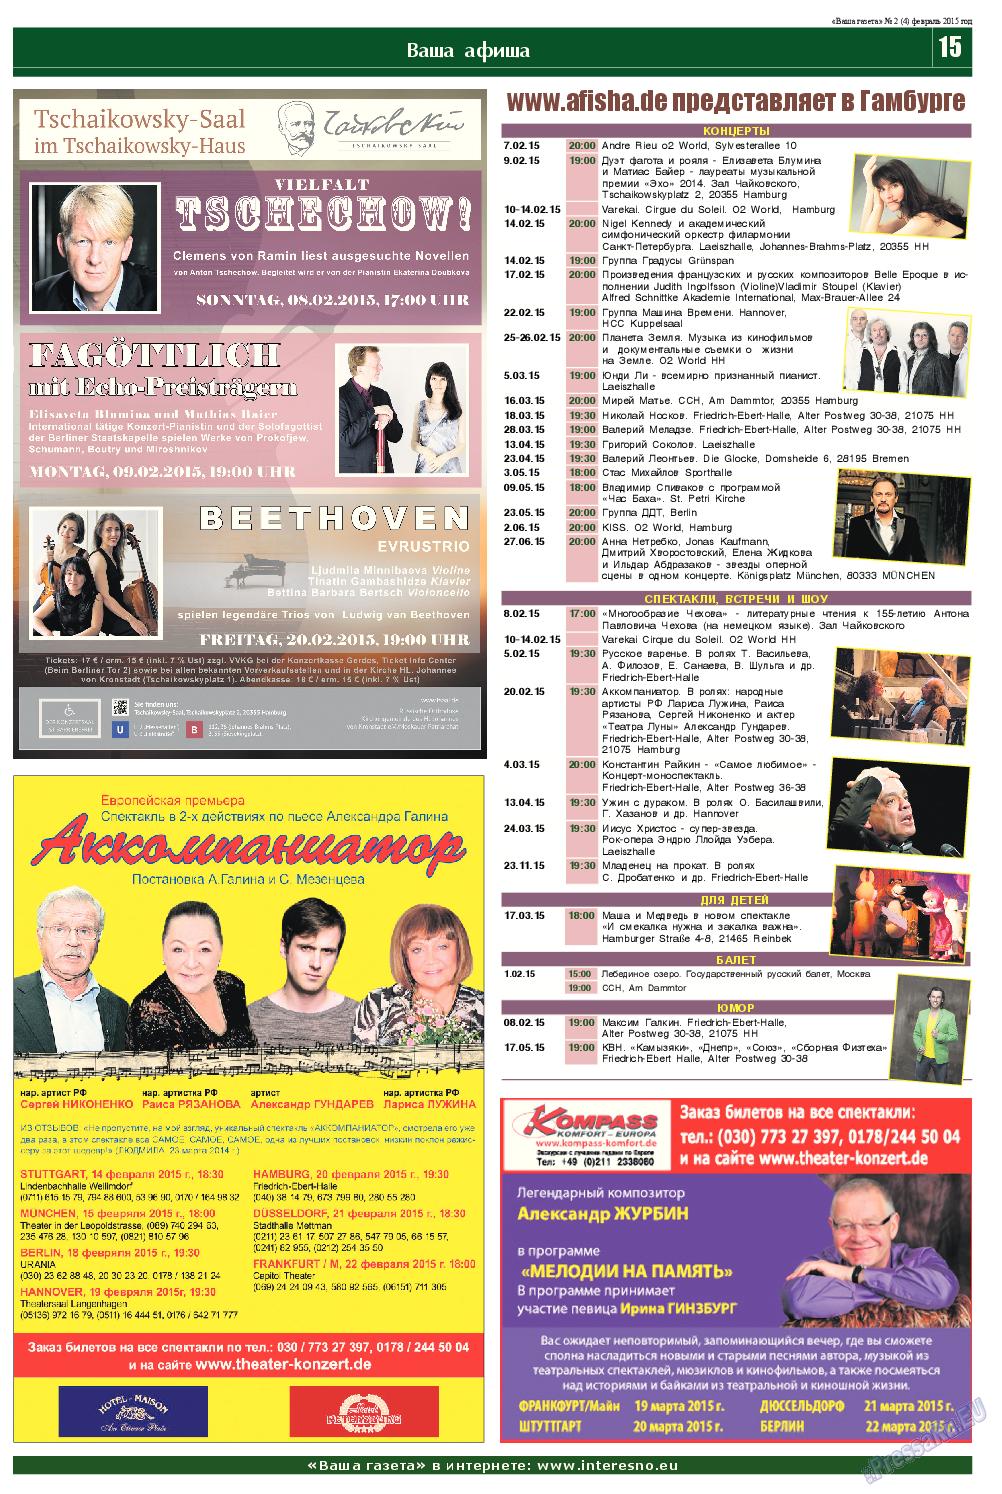 Ваша газета (газета). 2015 год, номер 2, стр. 15